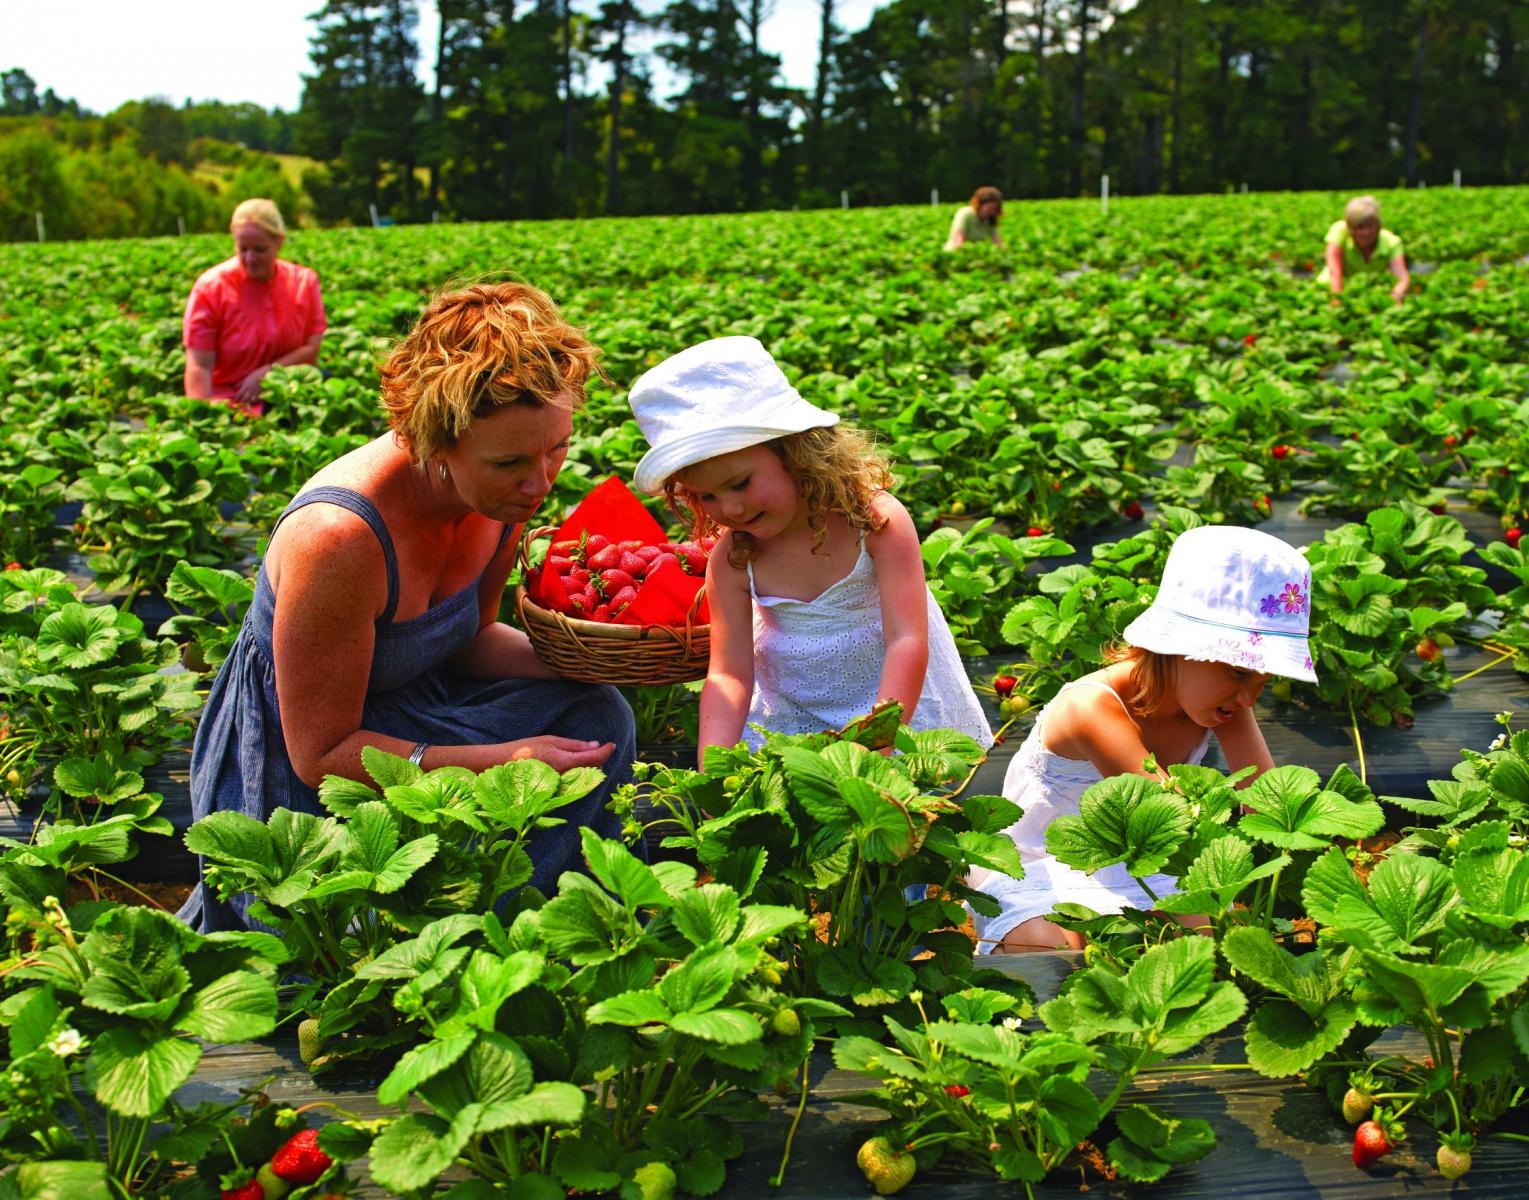 Du lịch Úc mùa Xuân khám phá vườn trái cây Bacchus Marsh